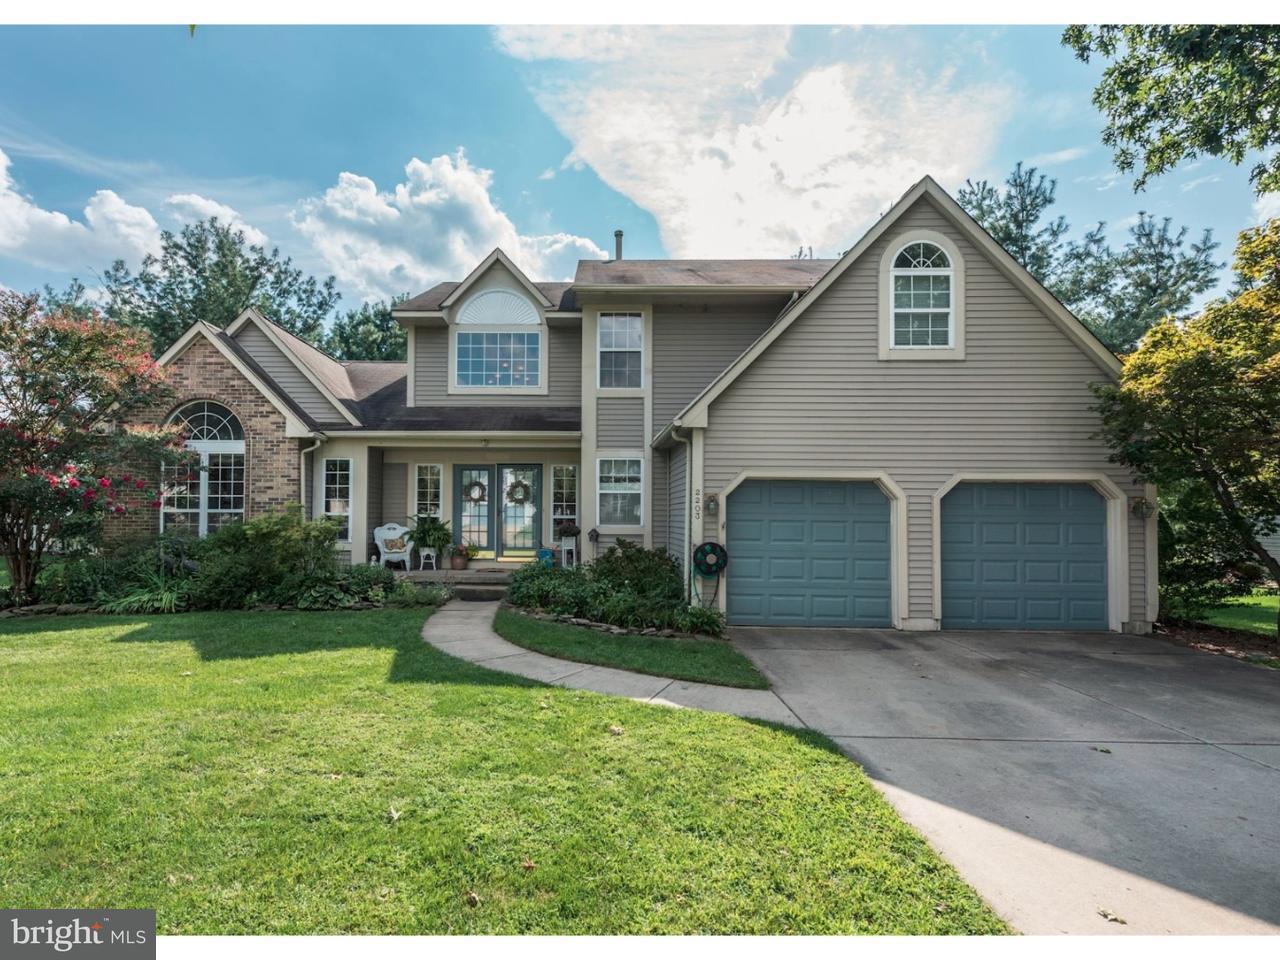 Maison unifamiliale pour l Vente à 2203 BERWICK Drive Cinnaminson, New Jersey 08077 États-Unis